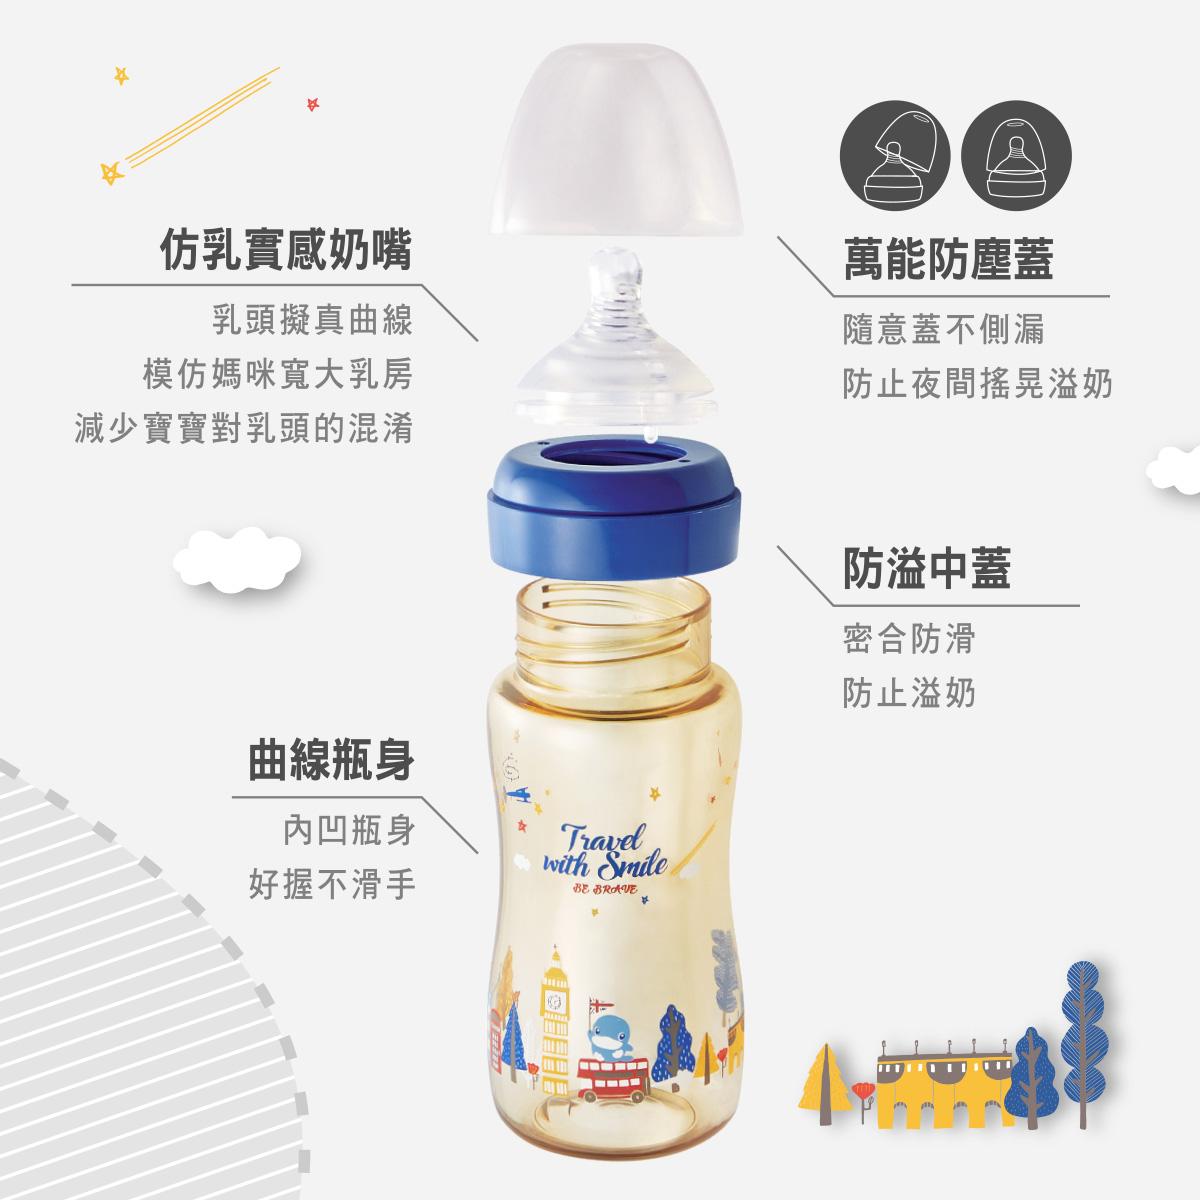 proimages/bottles/PPSU/5874/5874-樂遊倫敦PPSU奶瓶-EDM-8.jpg